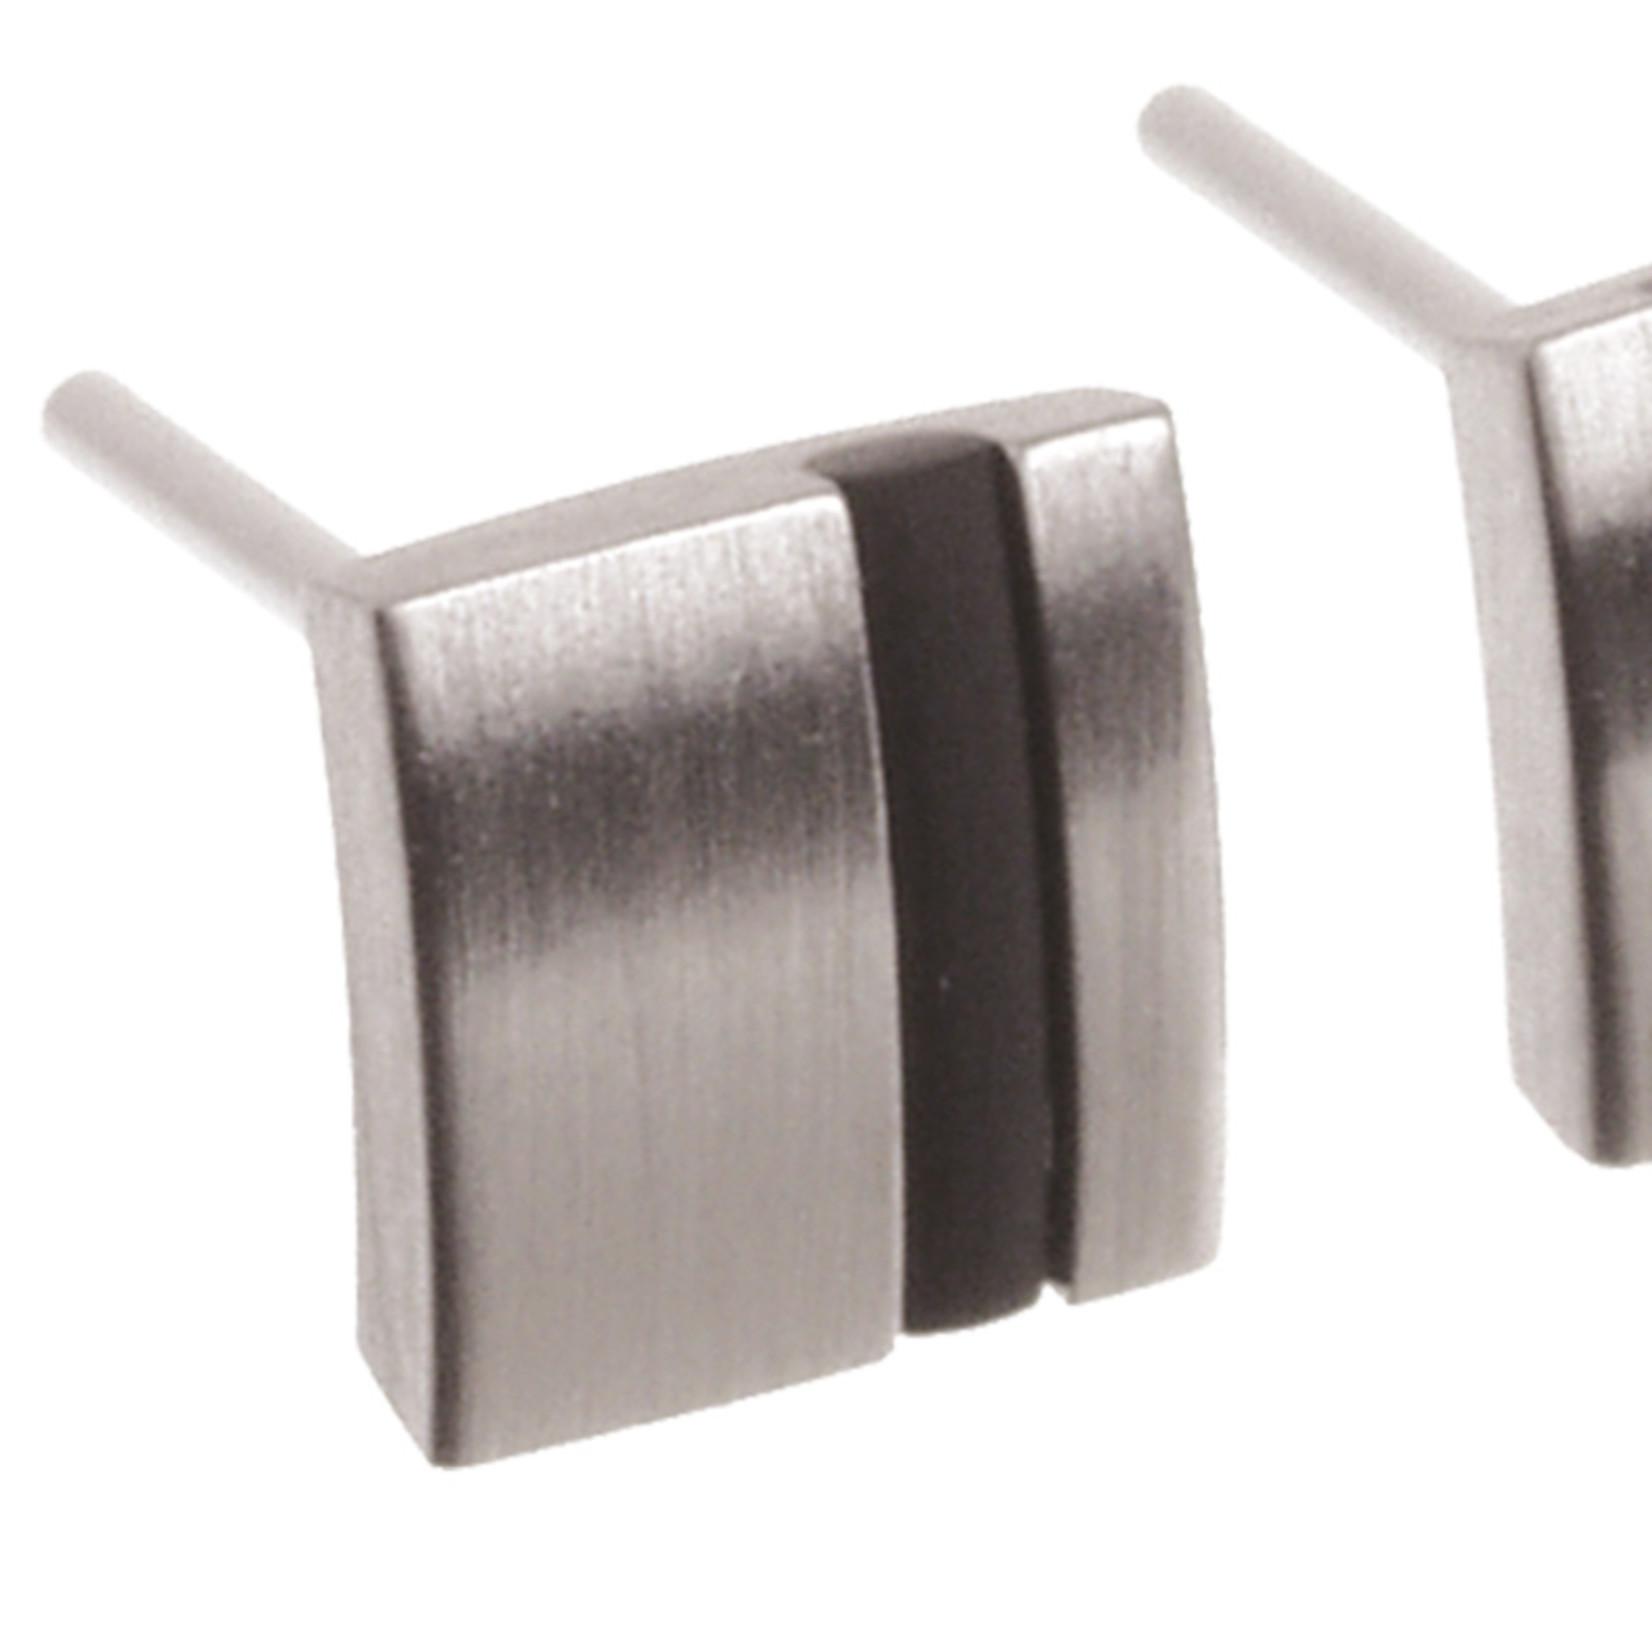 Ernstes Design Stahlschmuck Ohrstecker E156 | Ernstes Design | Edelstahl, Kautschuk